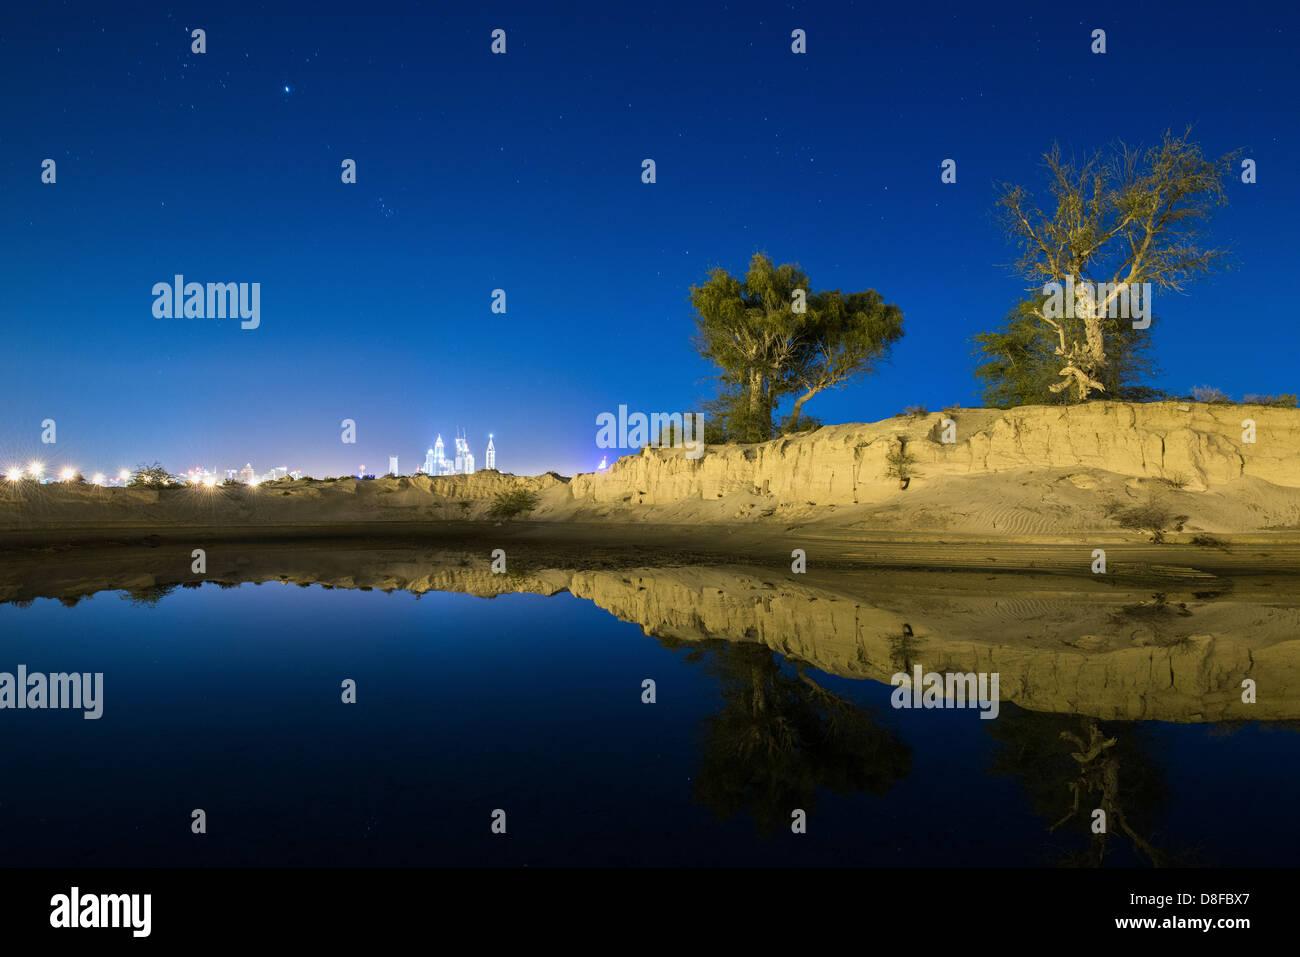 Toits de Dubaï reflète dans un lac d'eau de pluie dans le dessert, eau Photo Stock